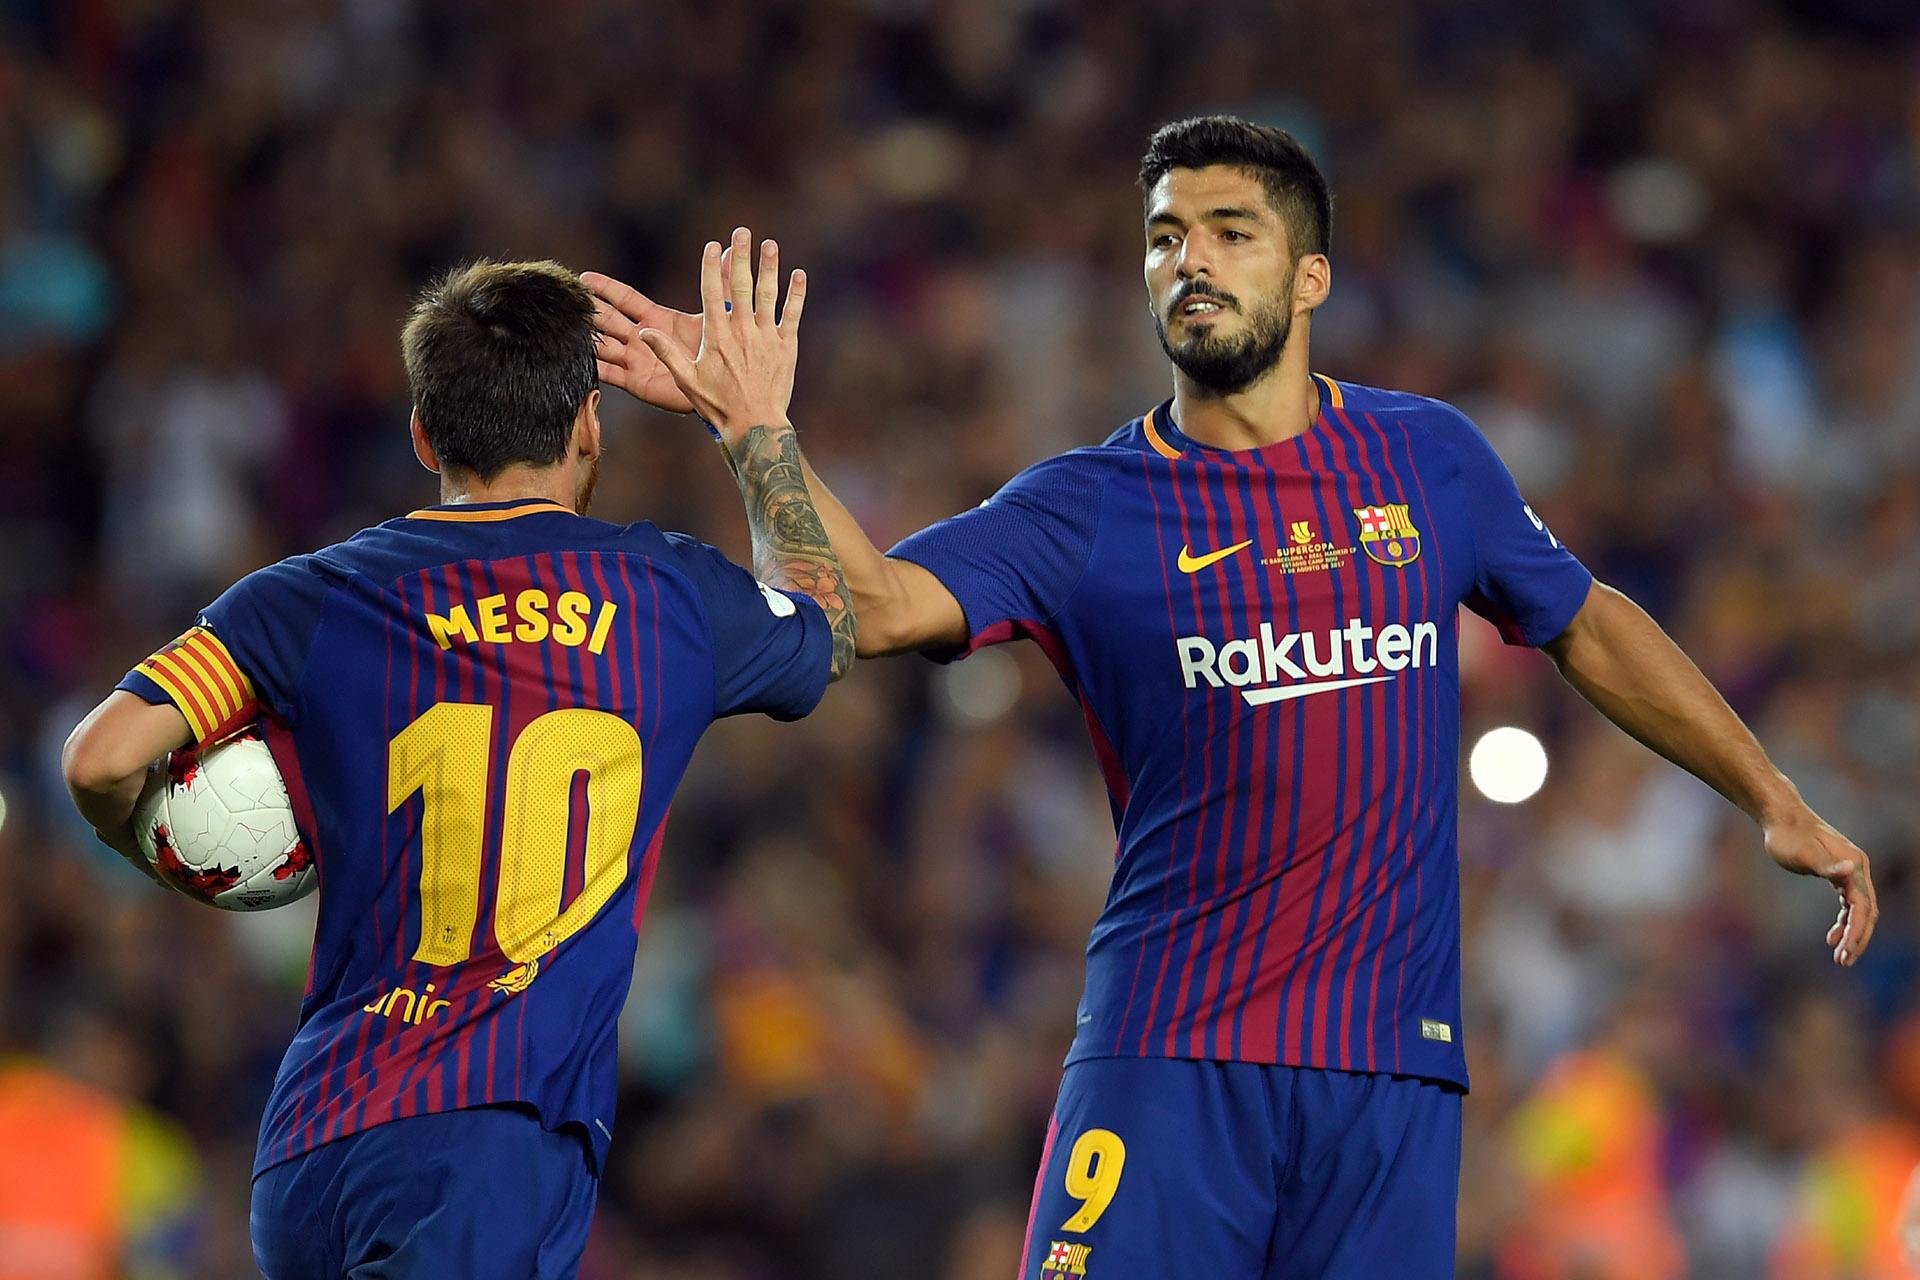 Lionel Messi empató el partido de penal, tras una falta sobre Luis Suárez